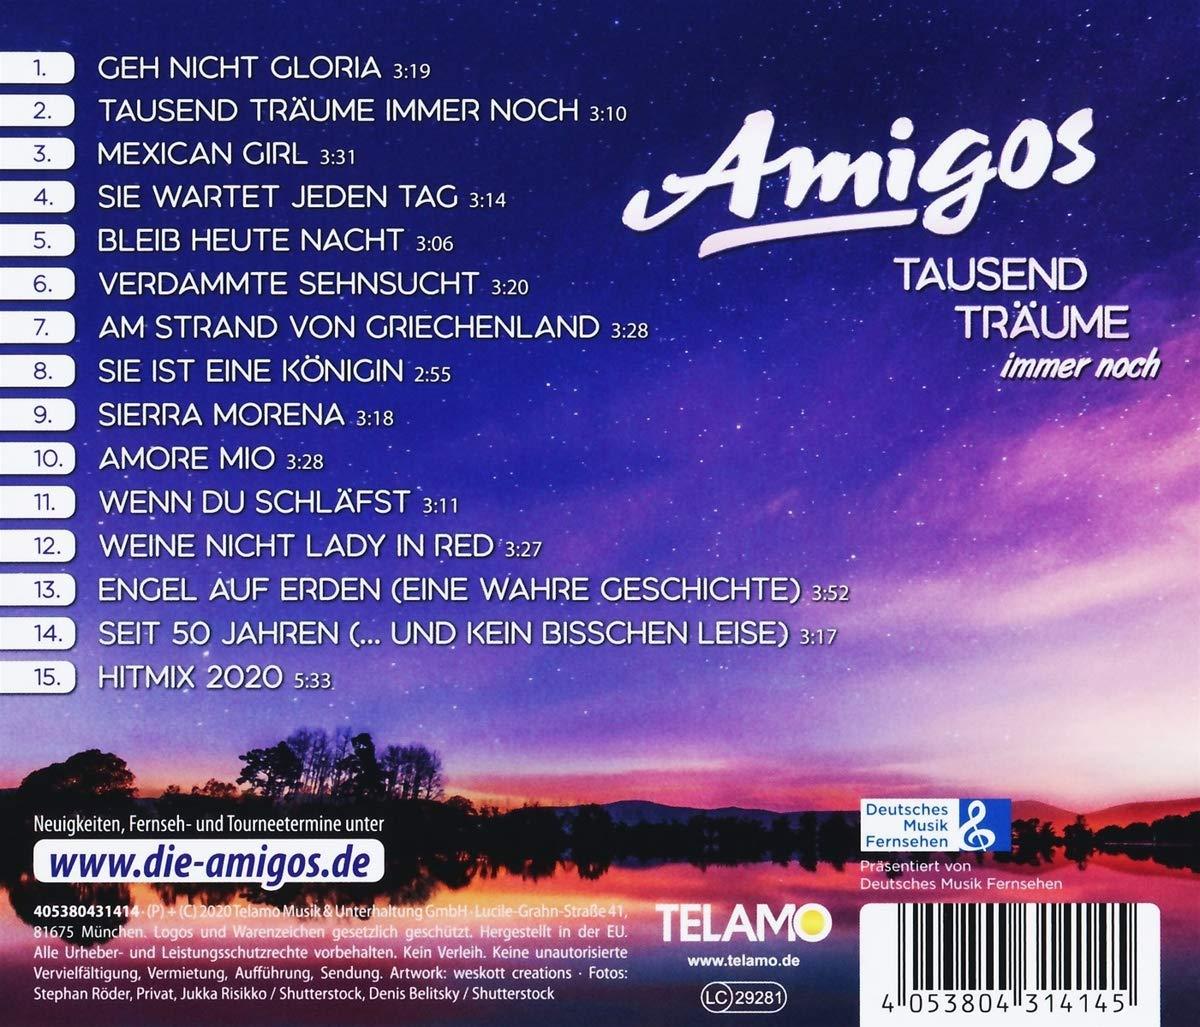 Amigos - Tausend Träume immer noch (2020) Back